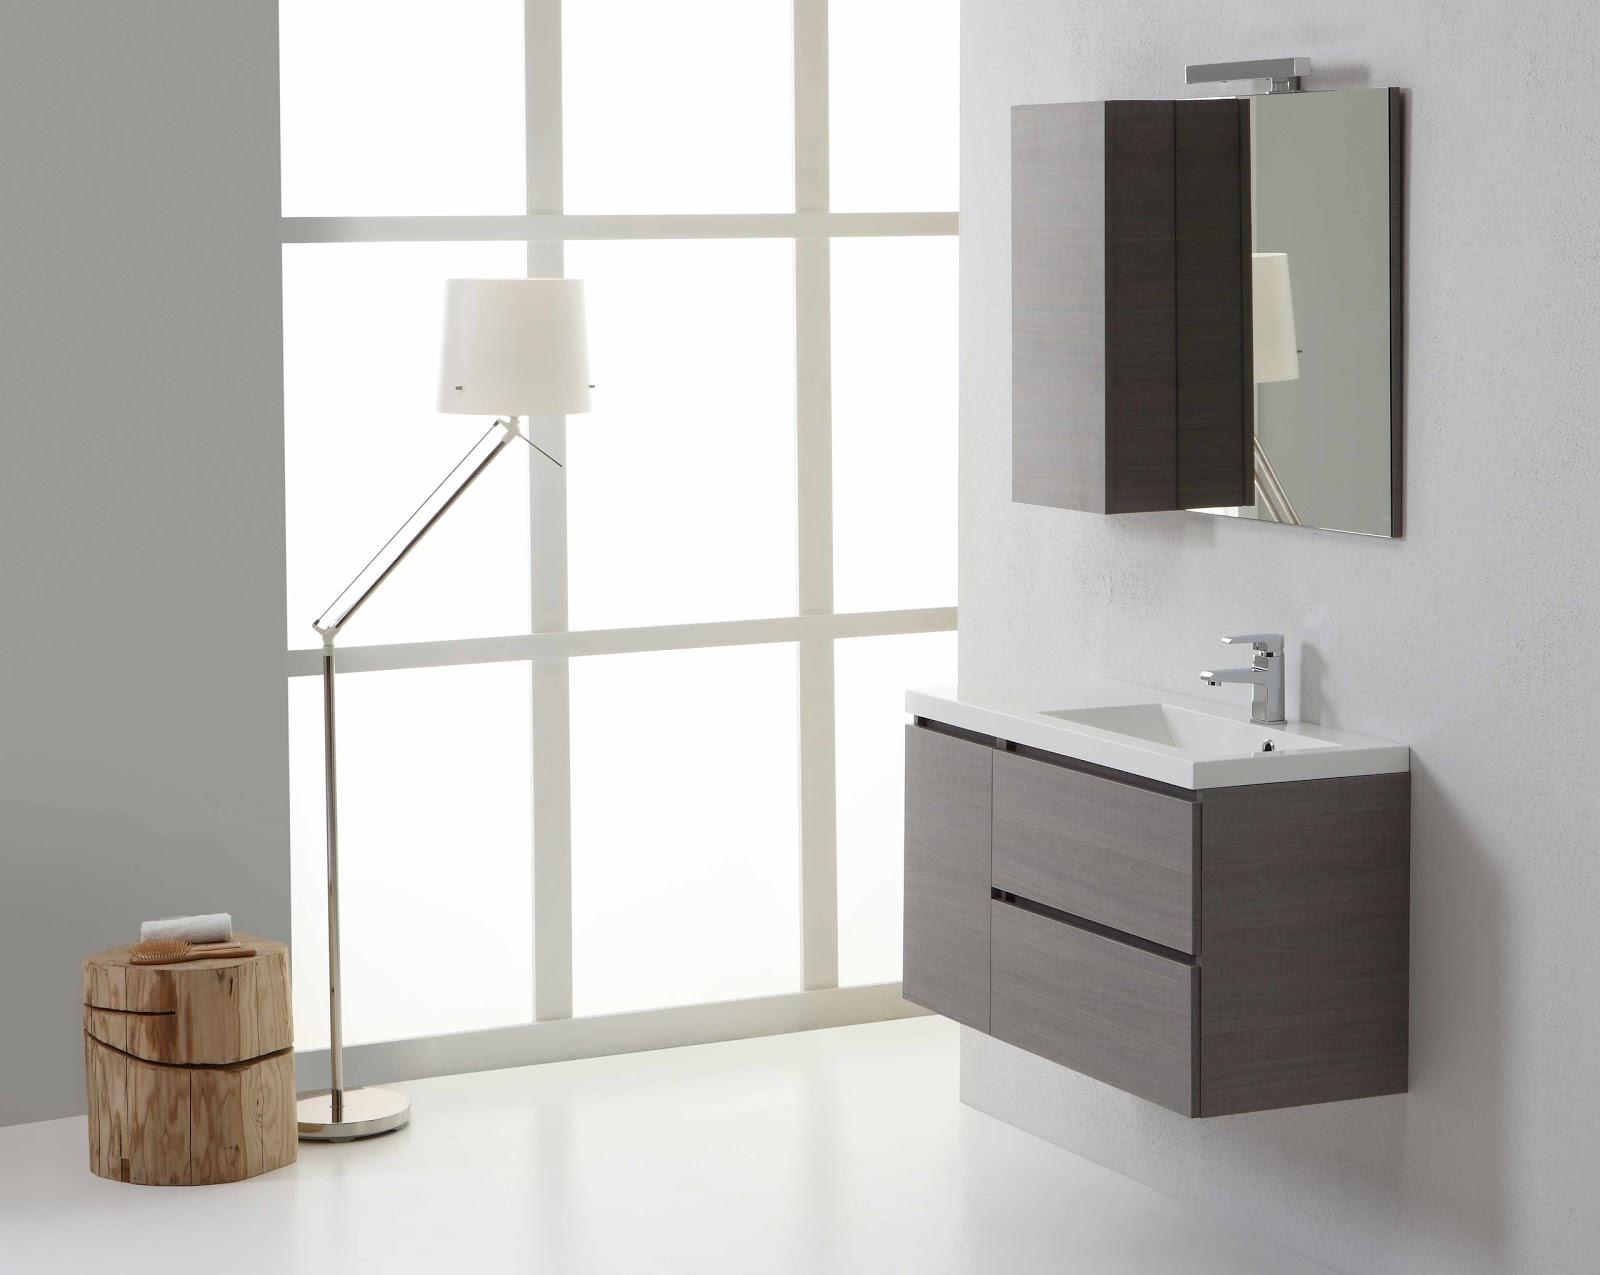 Corriere del web mobili bagno moderni kv store - Accessori bagno moderni ...